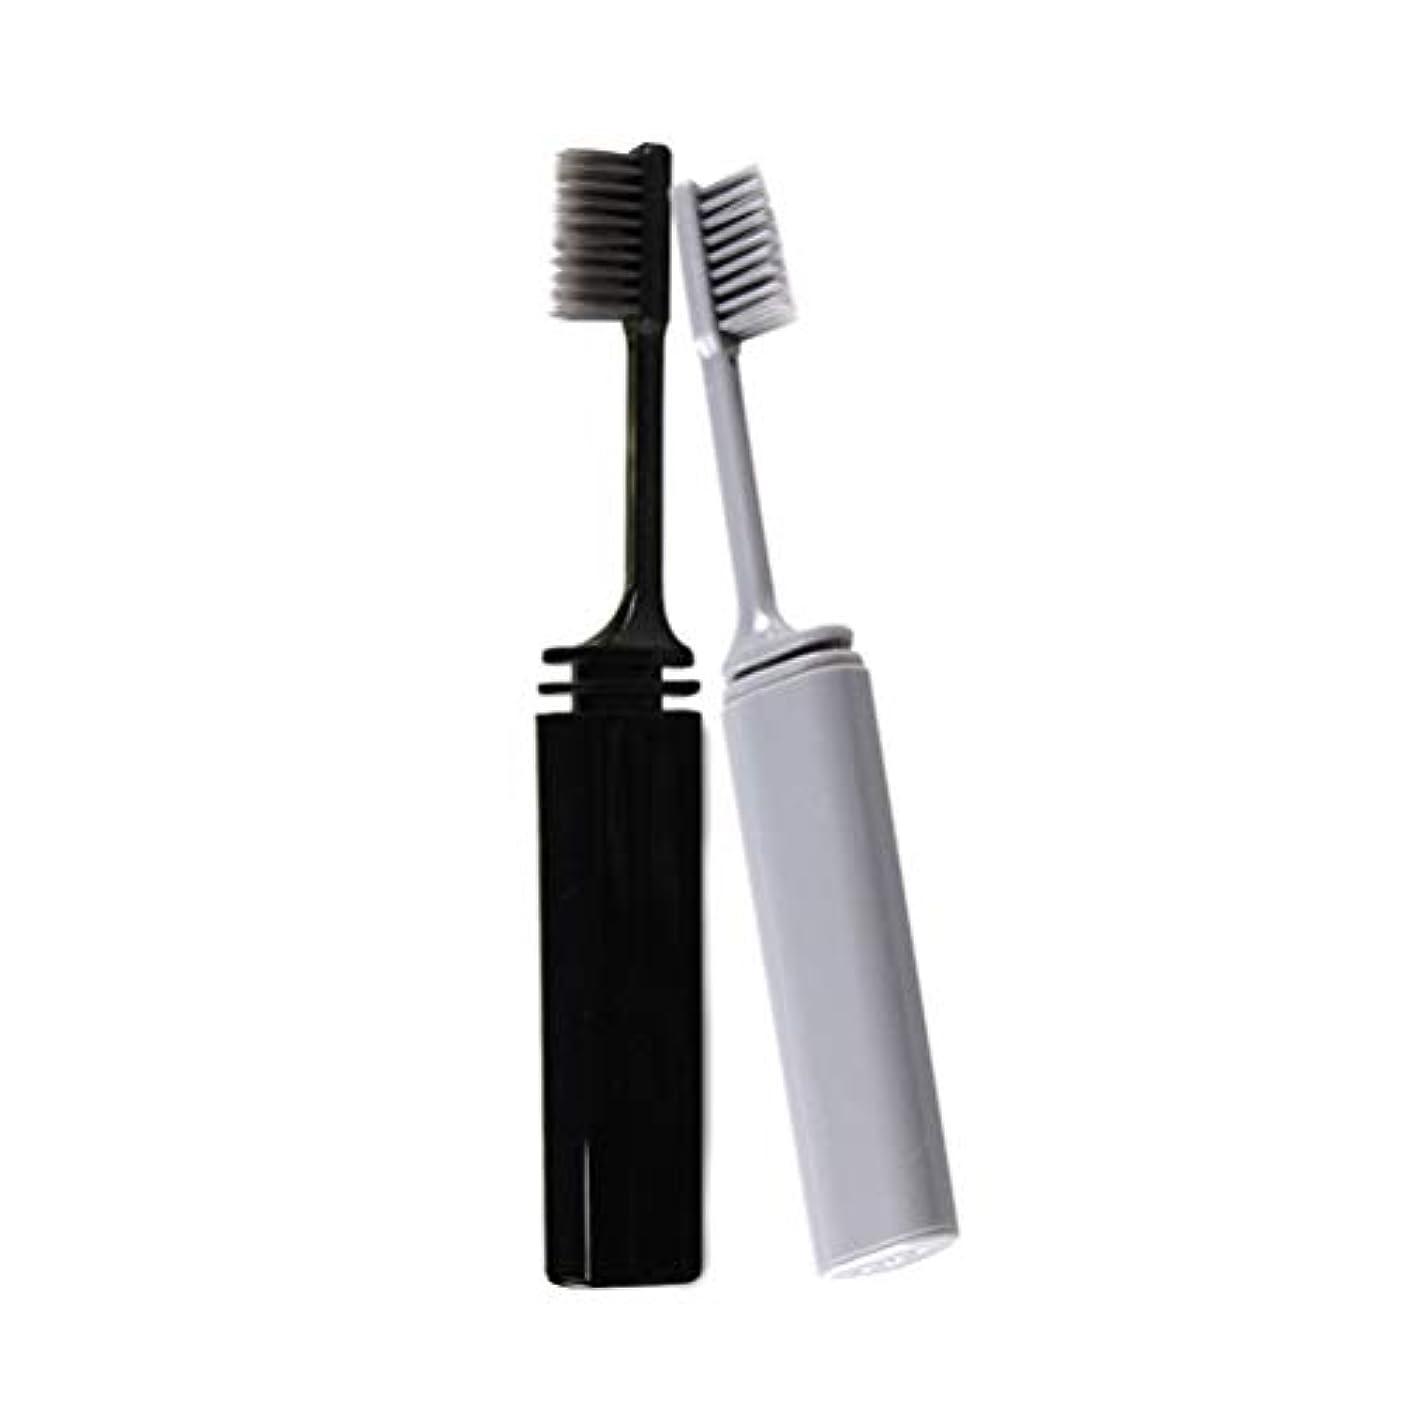 感覚満足できるしたがってHealifty 旅行用携帯用歯ブラシ折りたたみ竹炭歯ブラシ2本(グレー+ブラック)